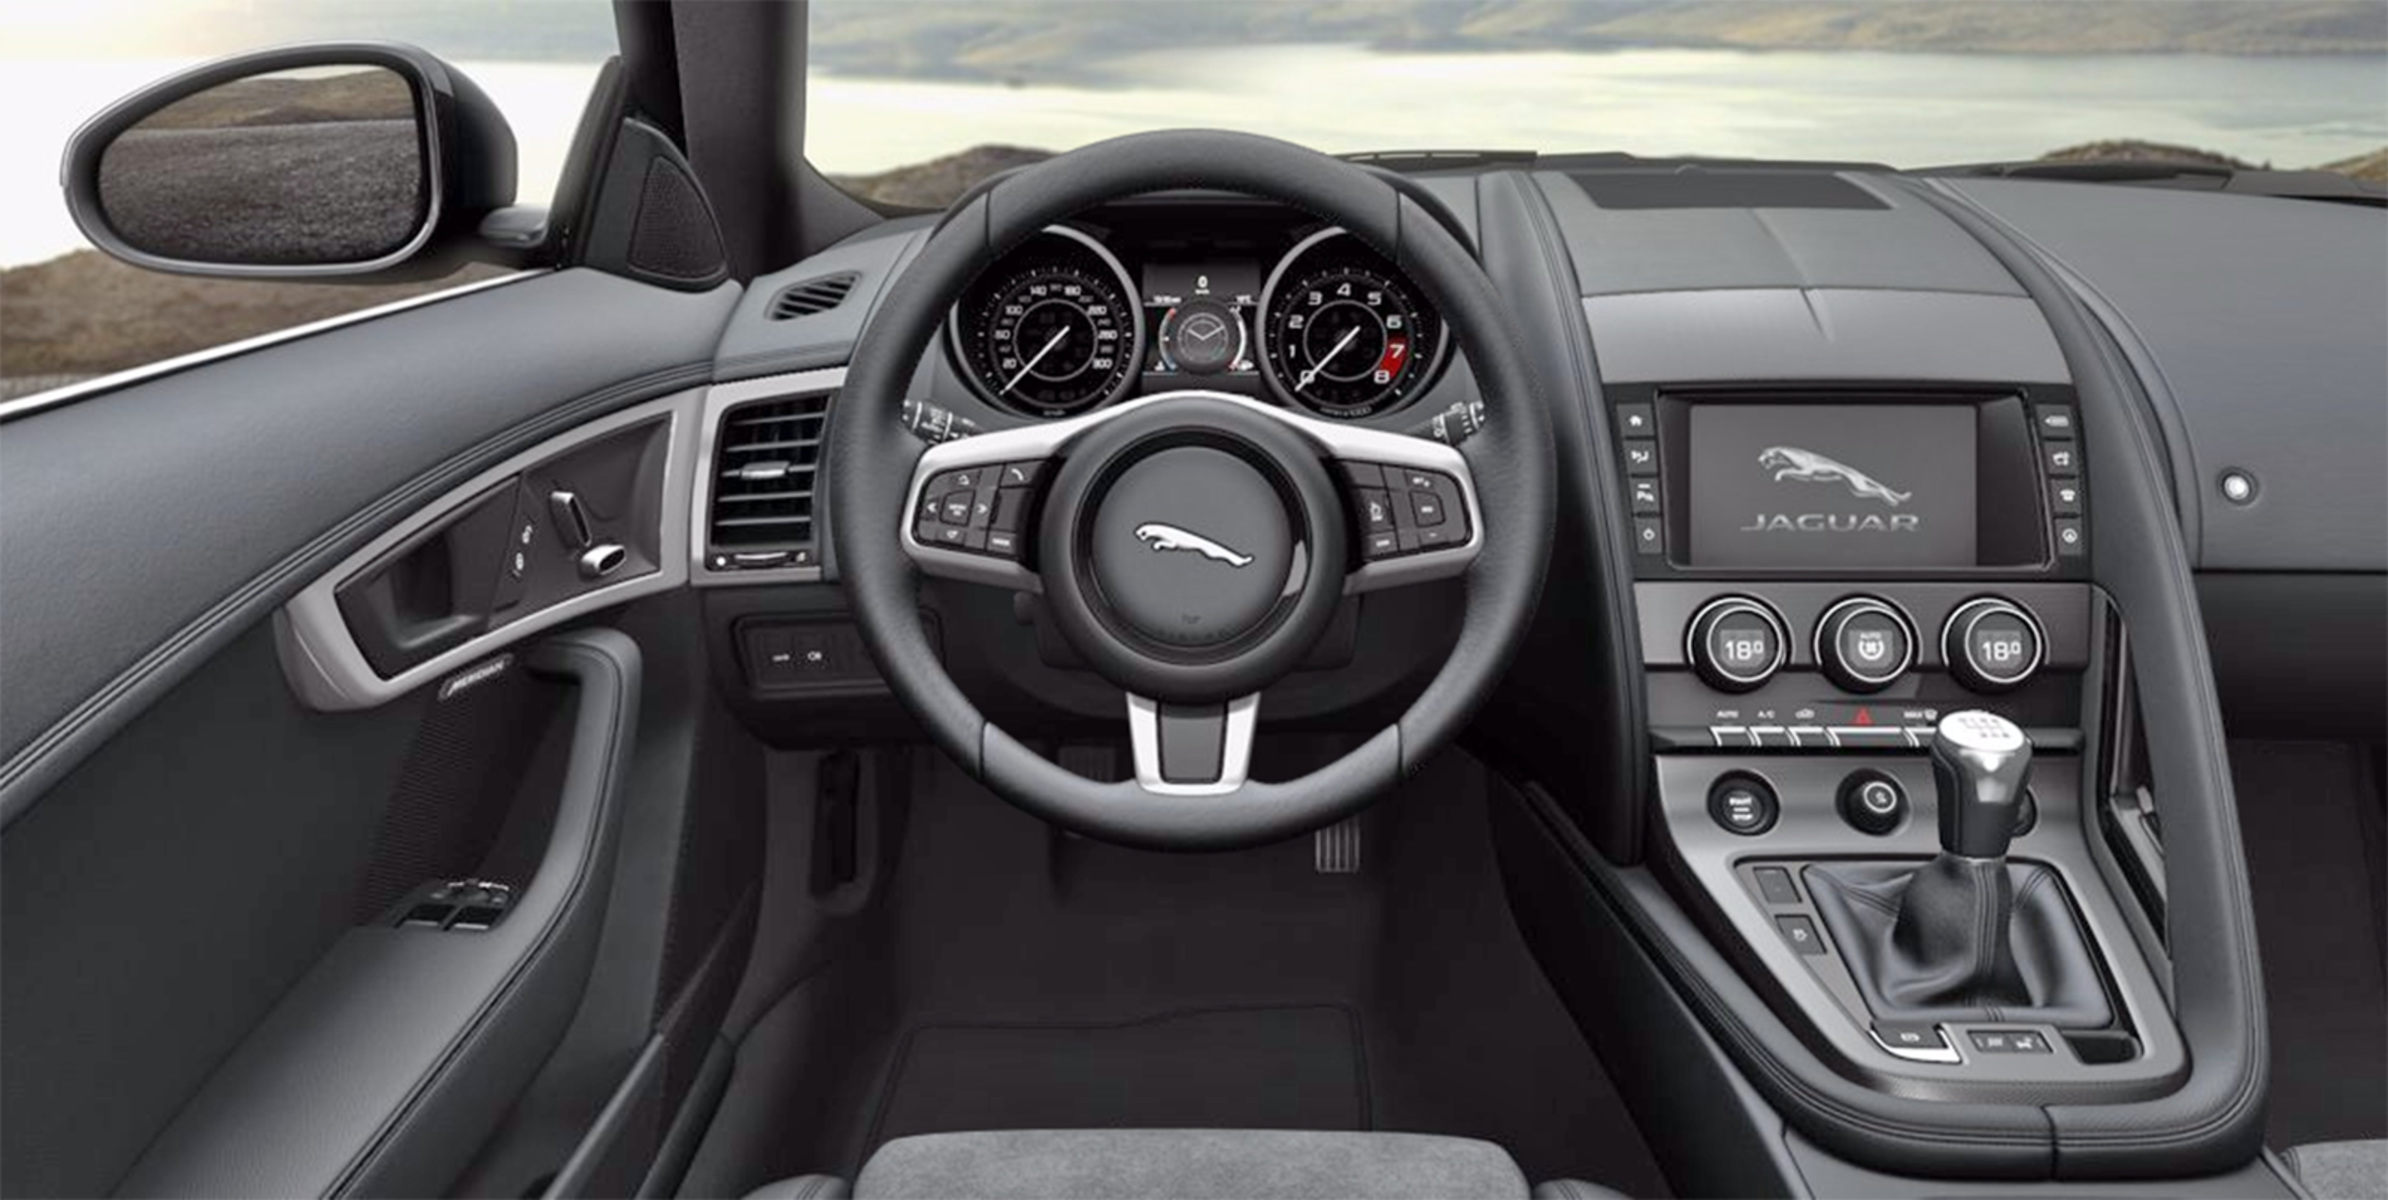 Listino Jaguar F-Type ...